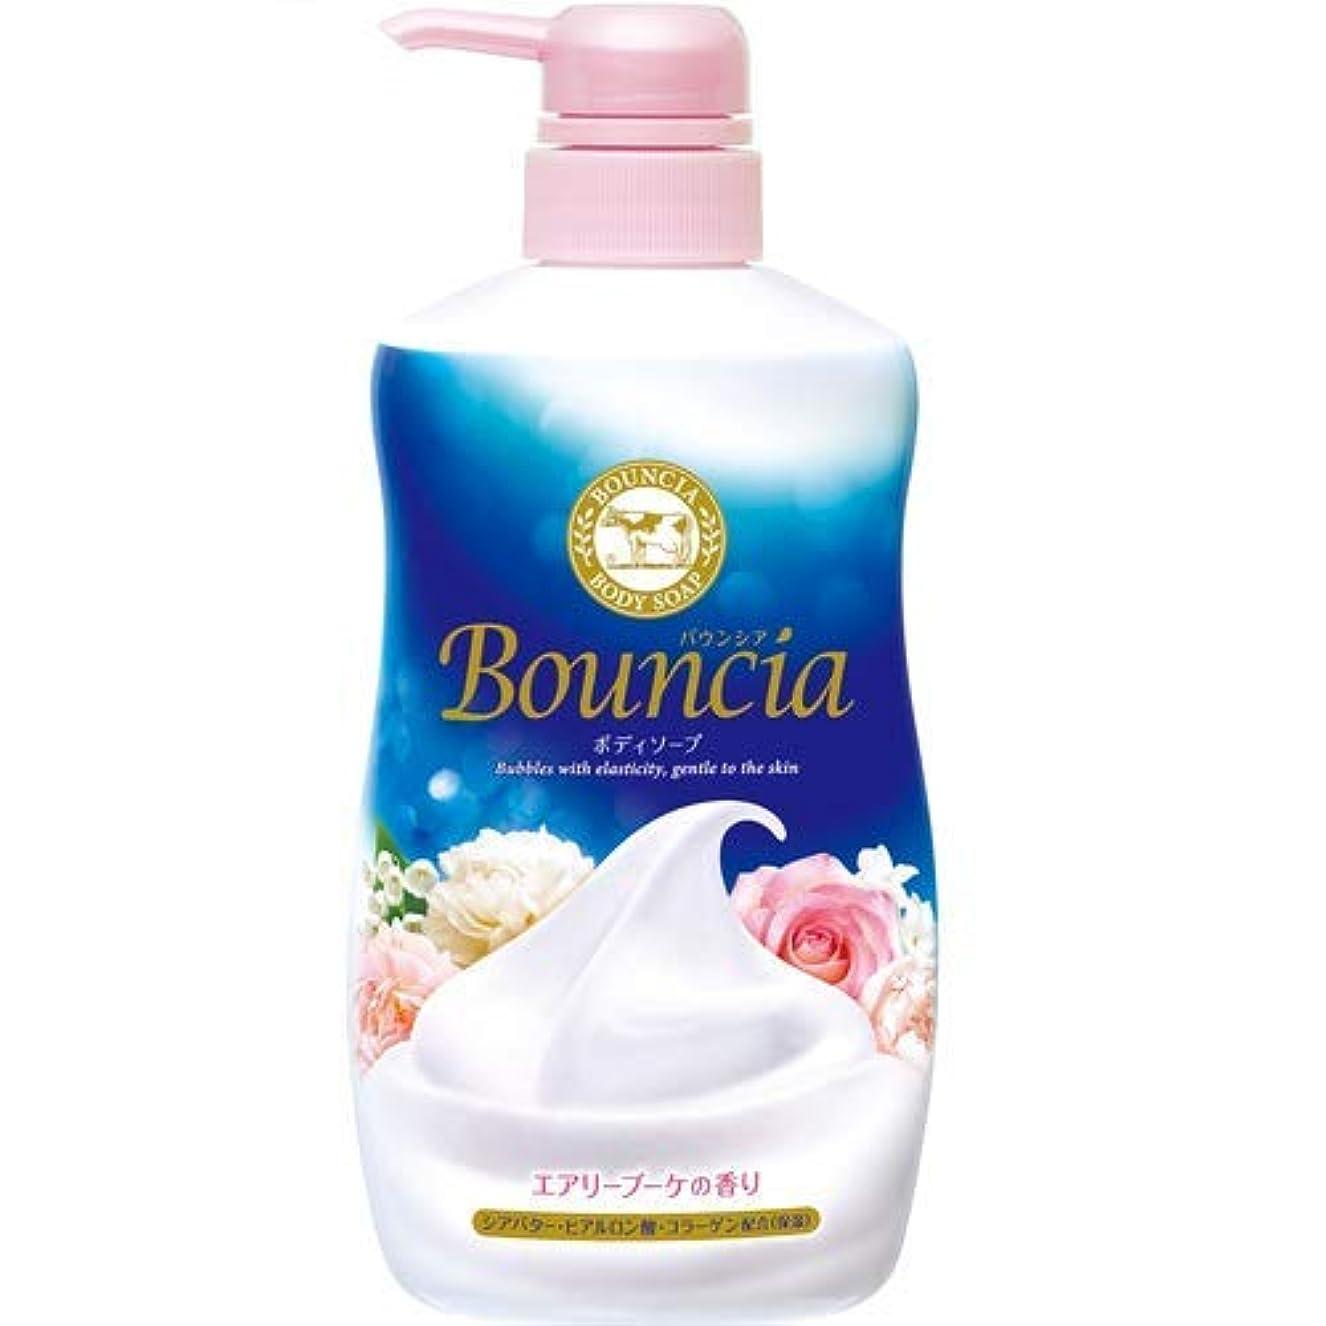 オンスクリアバウンシア ボディソープ エアリーブーケの香り ポンプ付 500mL